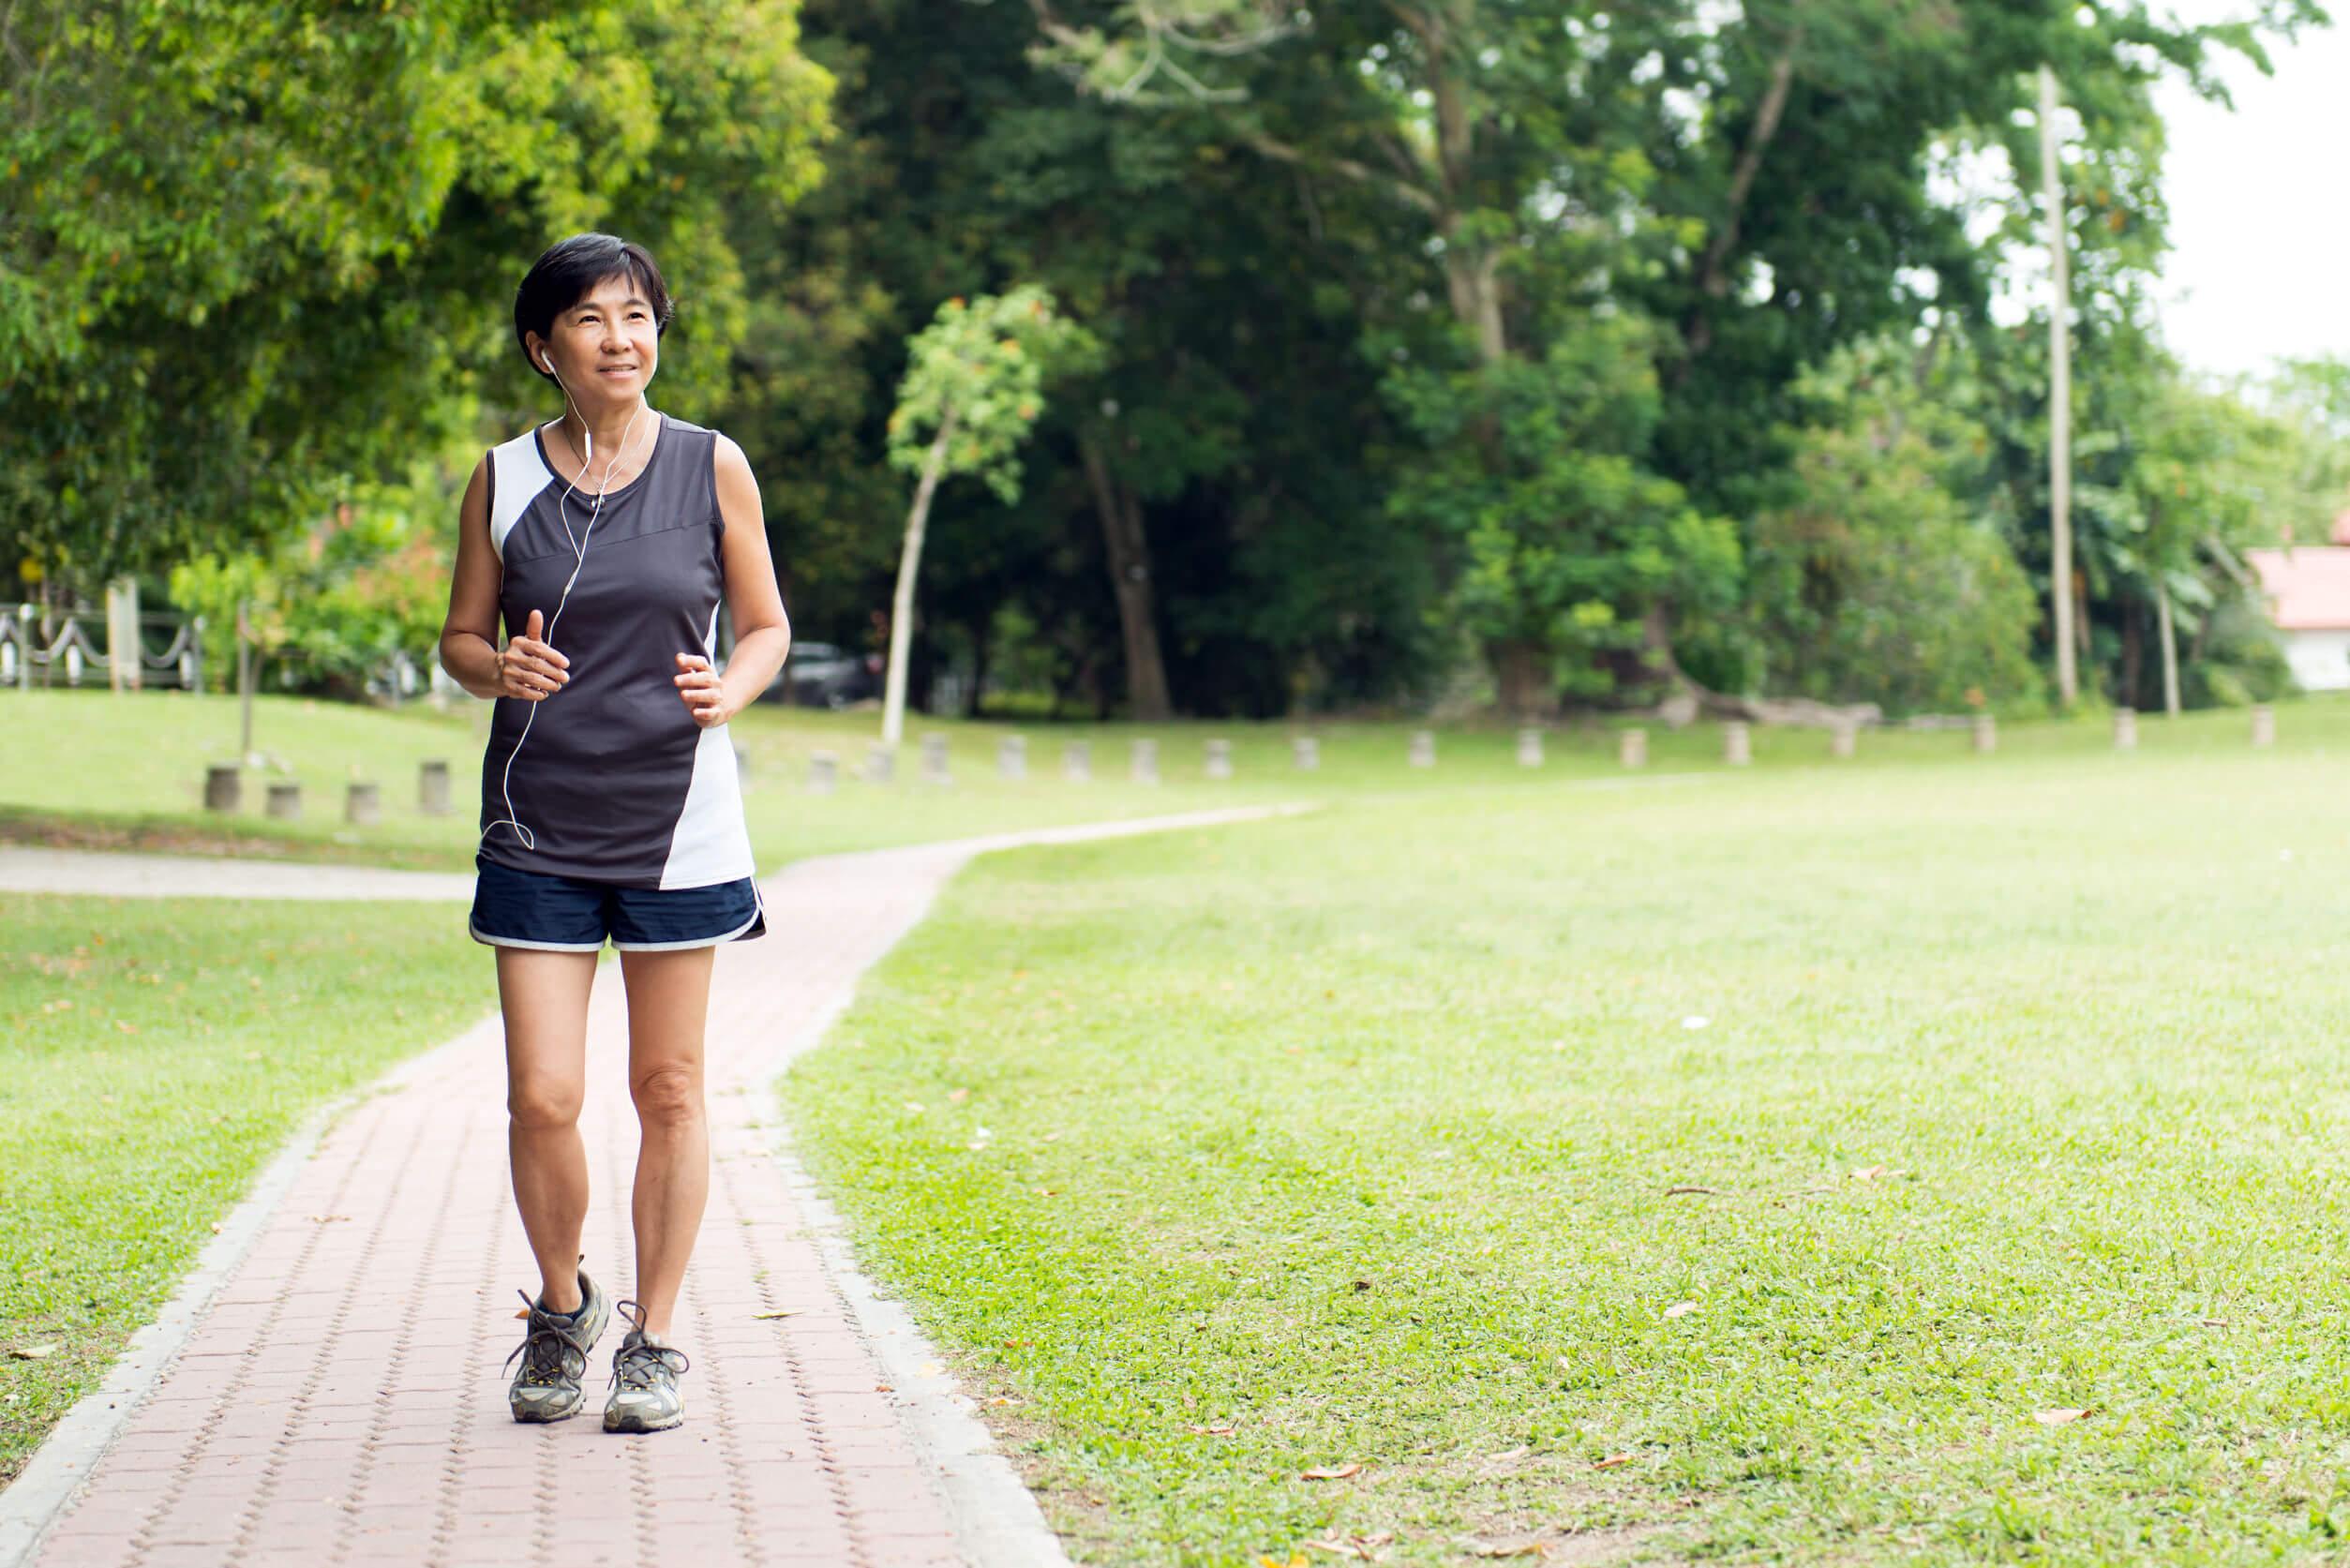 Los síntomas tempranos de demencia pueden retrasarse con actividad física aumentada.